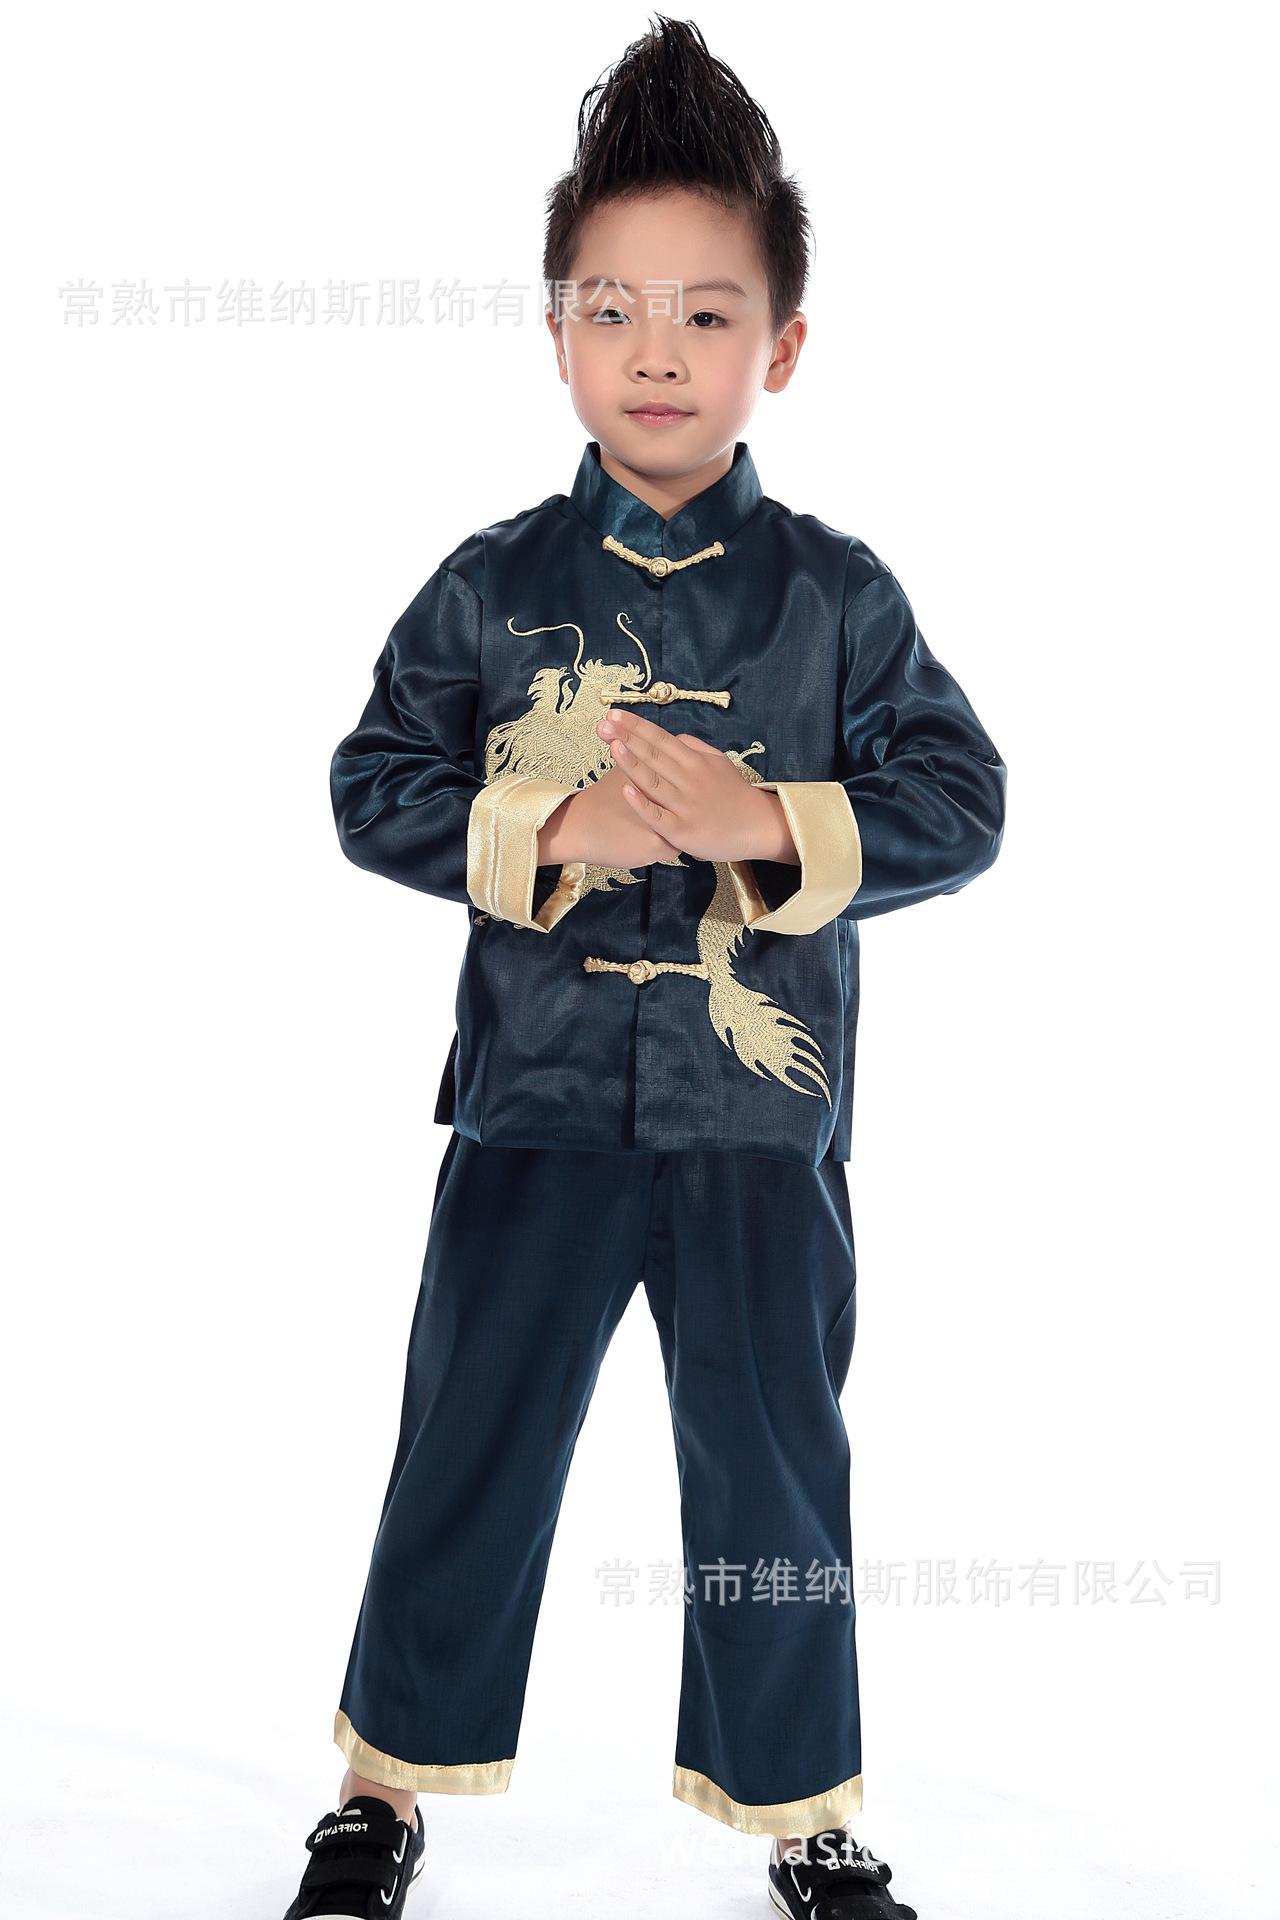 儿童唐装 春秋 男童唐装上衣 新年服中式礼服 3-14岁,可领取元淘宝优惠券